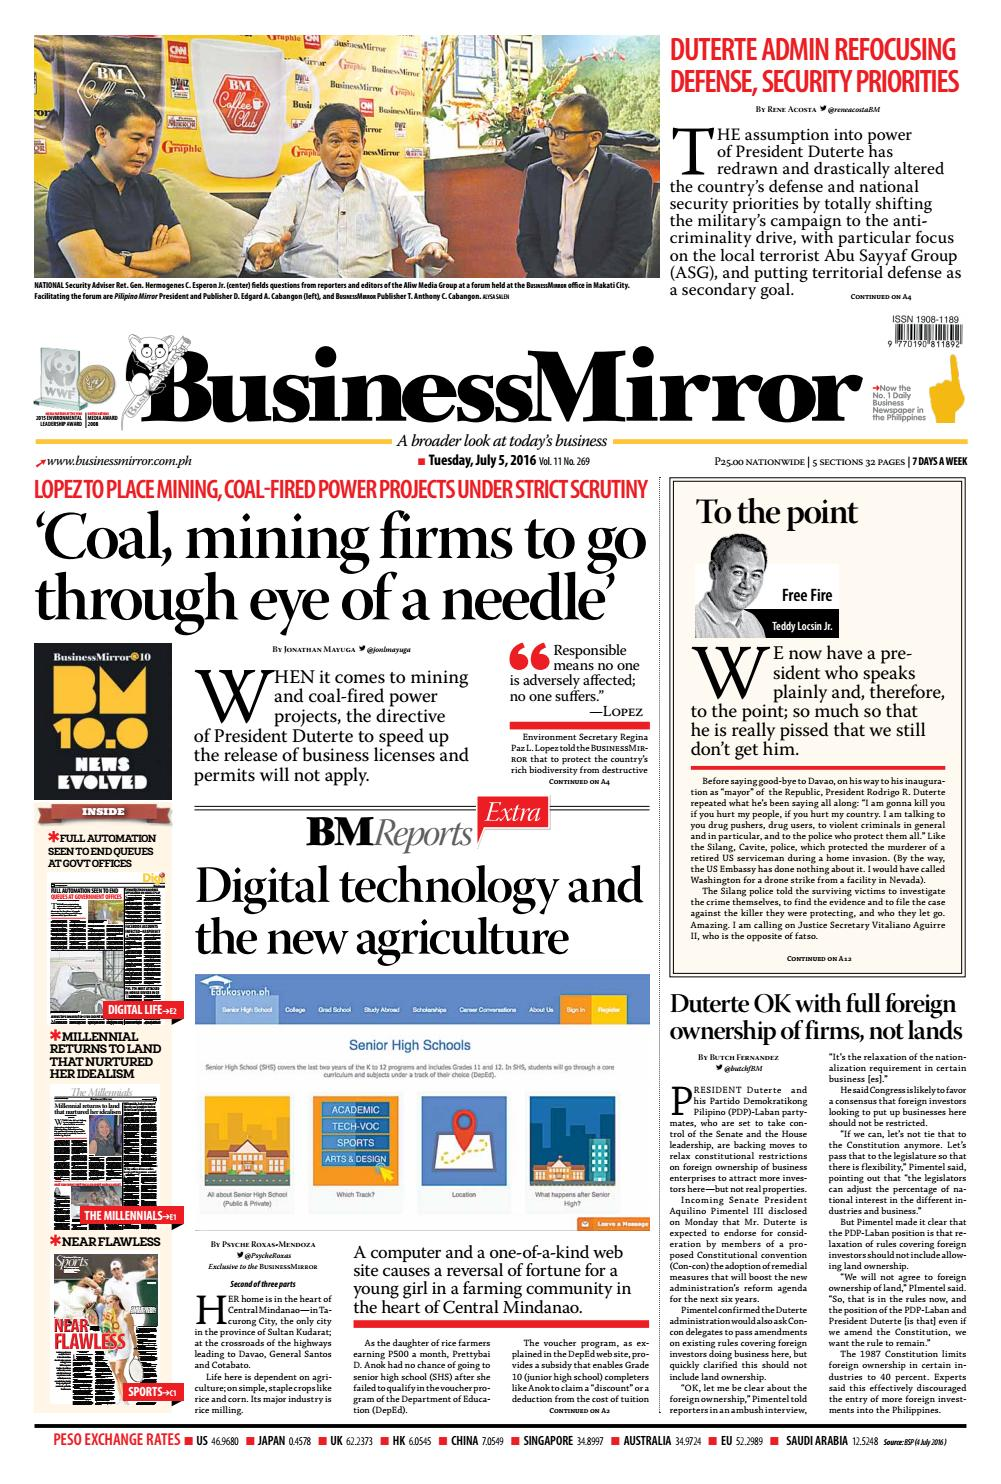 Businessmirror july 05, 2016 by BusinessMirror - issuu